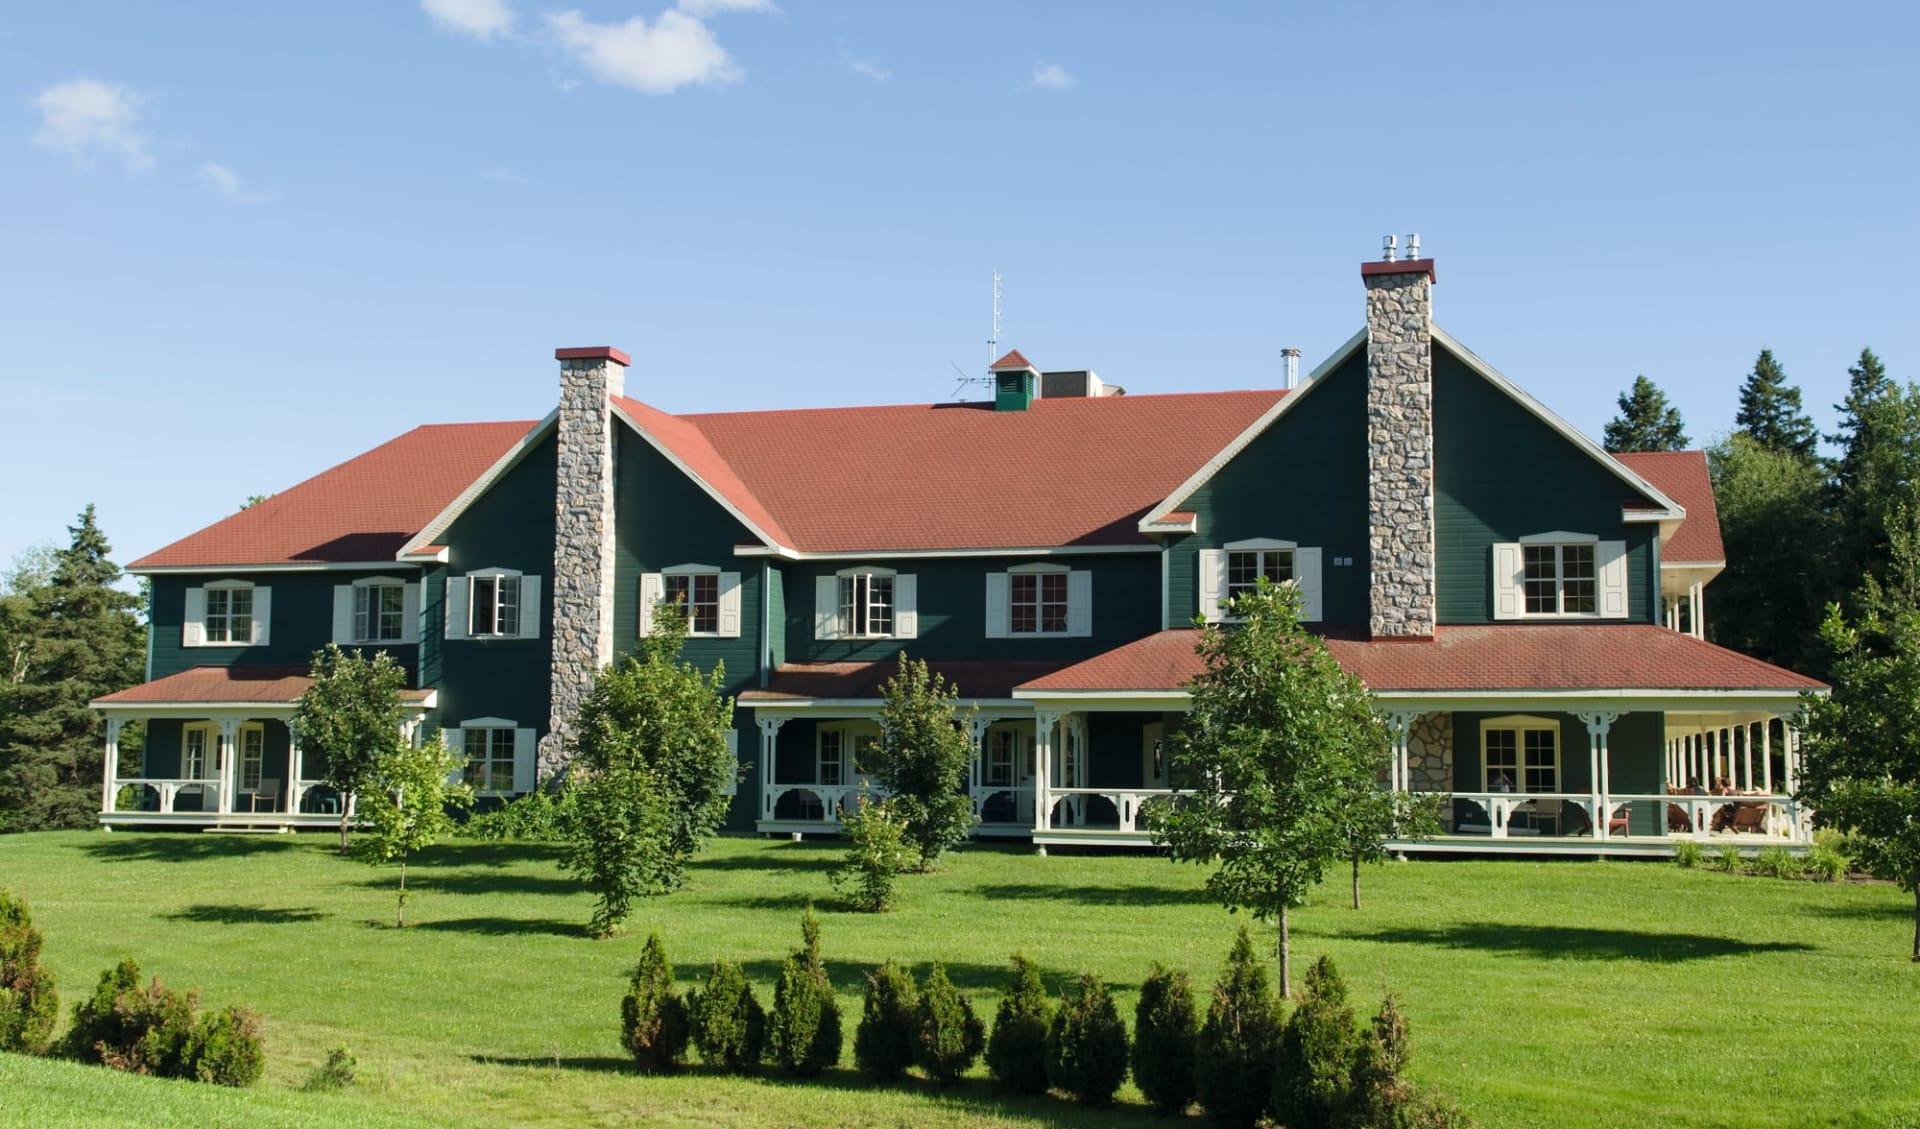 Le Baluchon Eco Resort in Saint Paulin:  Auberge Du Baluchon Sicht auf Haupthaus